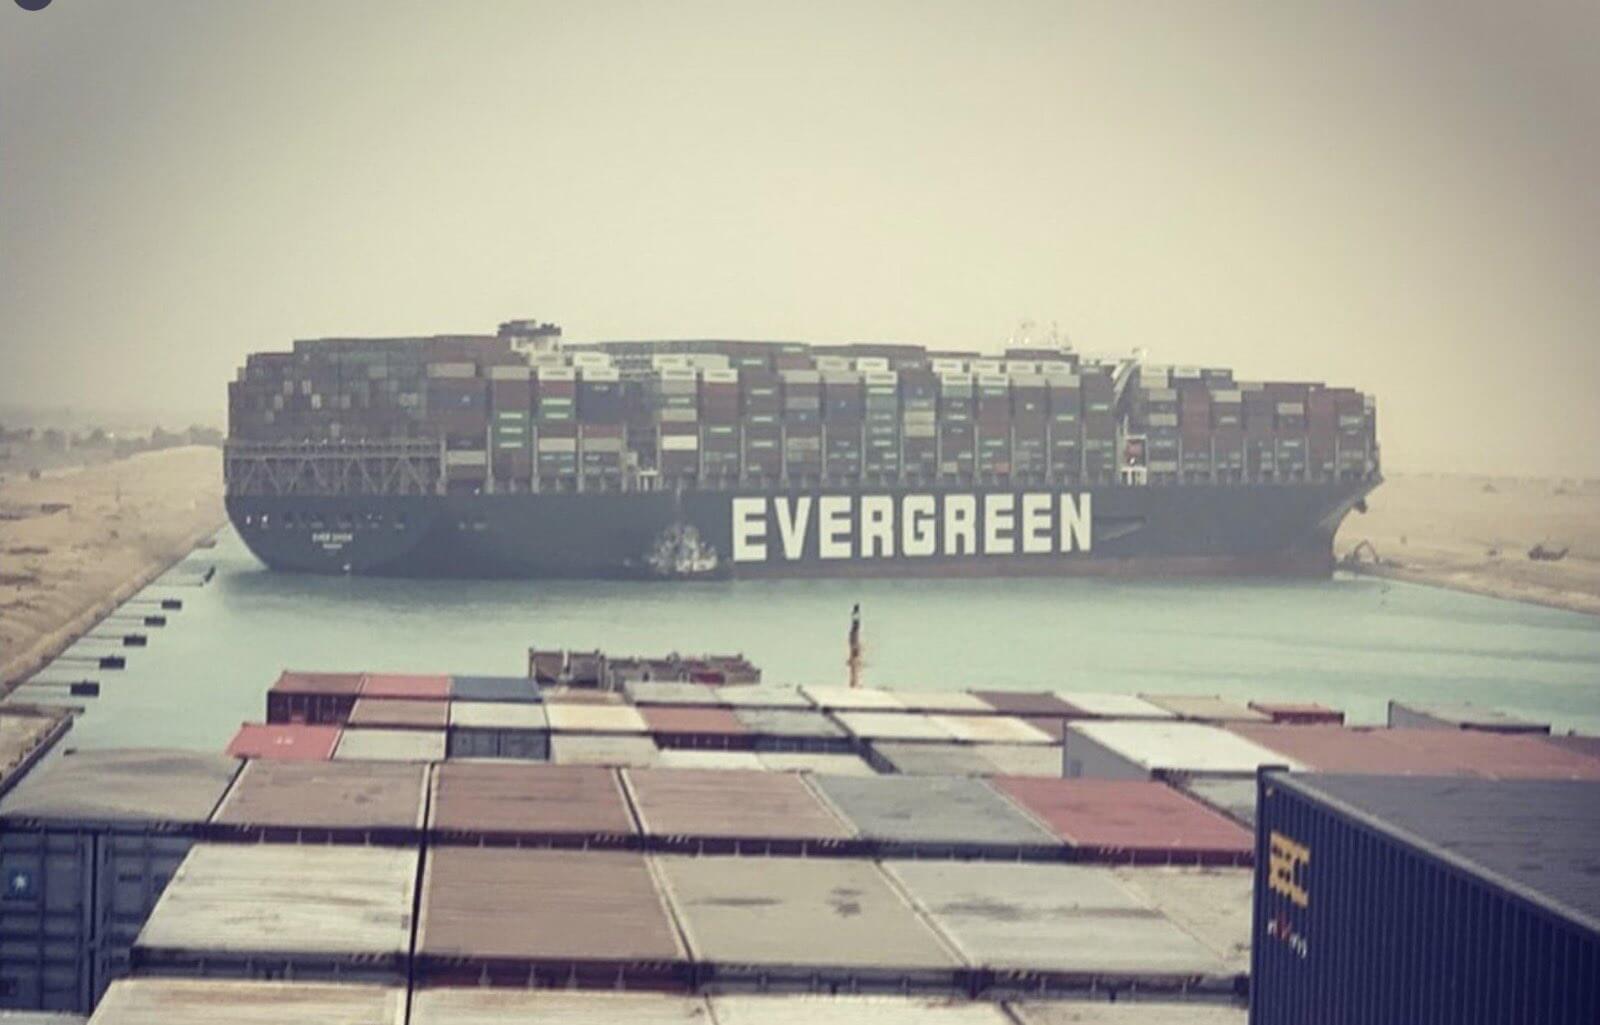 Το Ever Given πλέει ξανά - Δείτε το βίντεο της αποκόλλησης